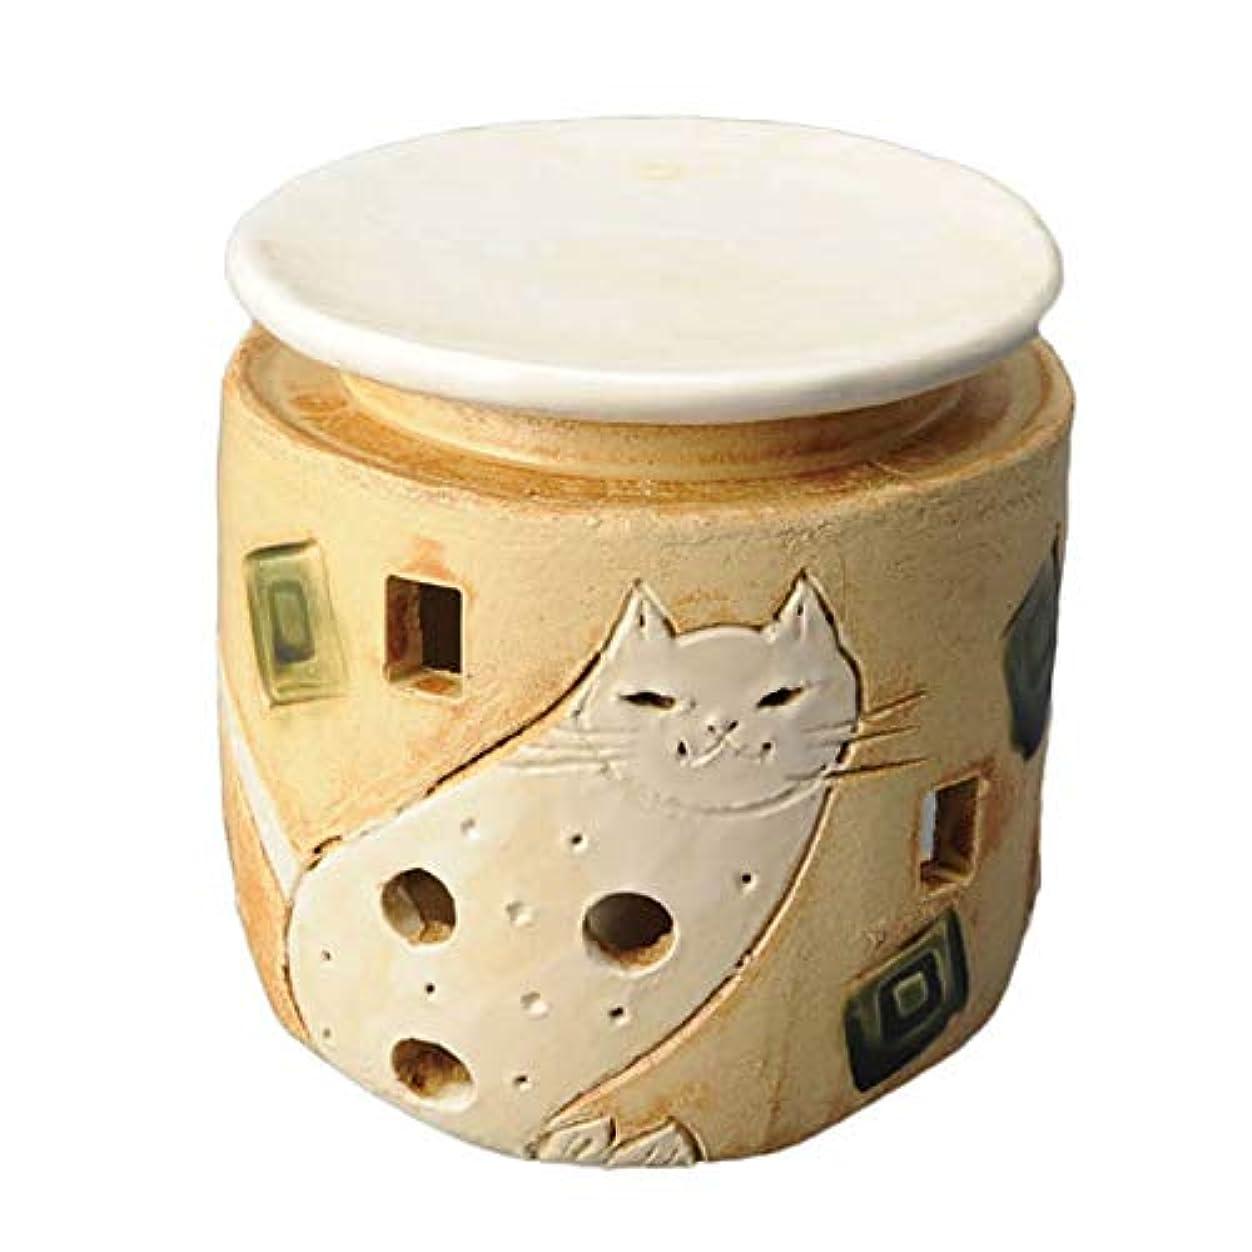 動機落ちた無限手造り 茶香炉/白猫 茶香炉/アロマ 癒やし リラックス インテリア 間接照明